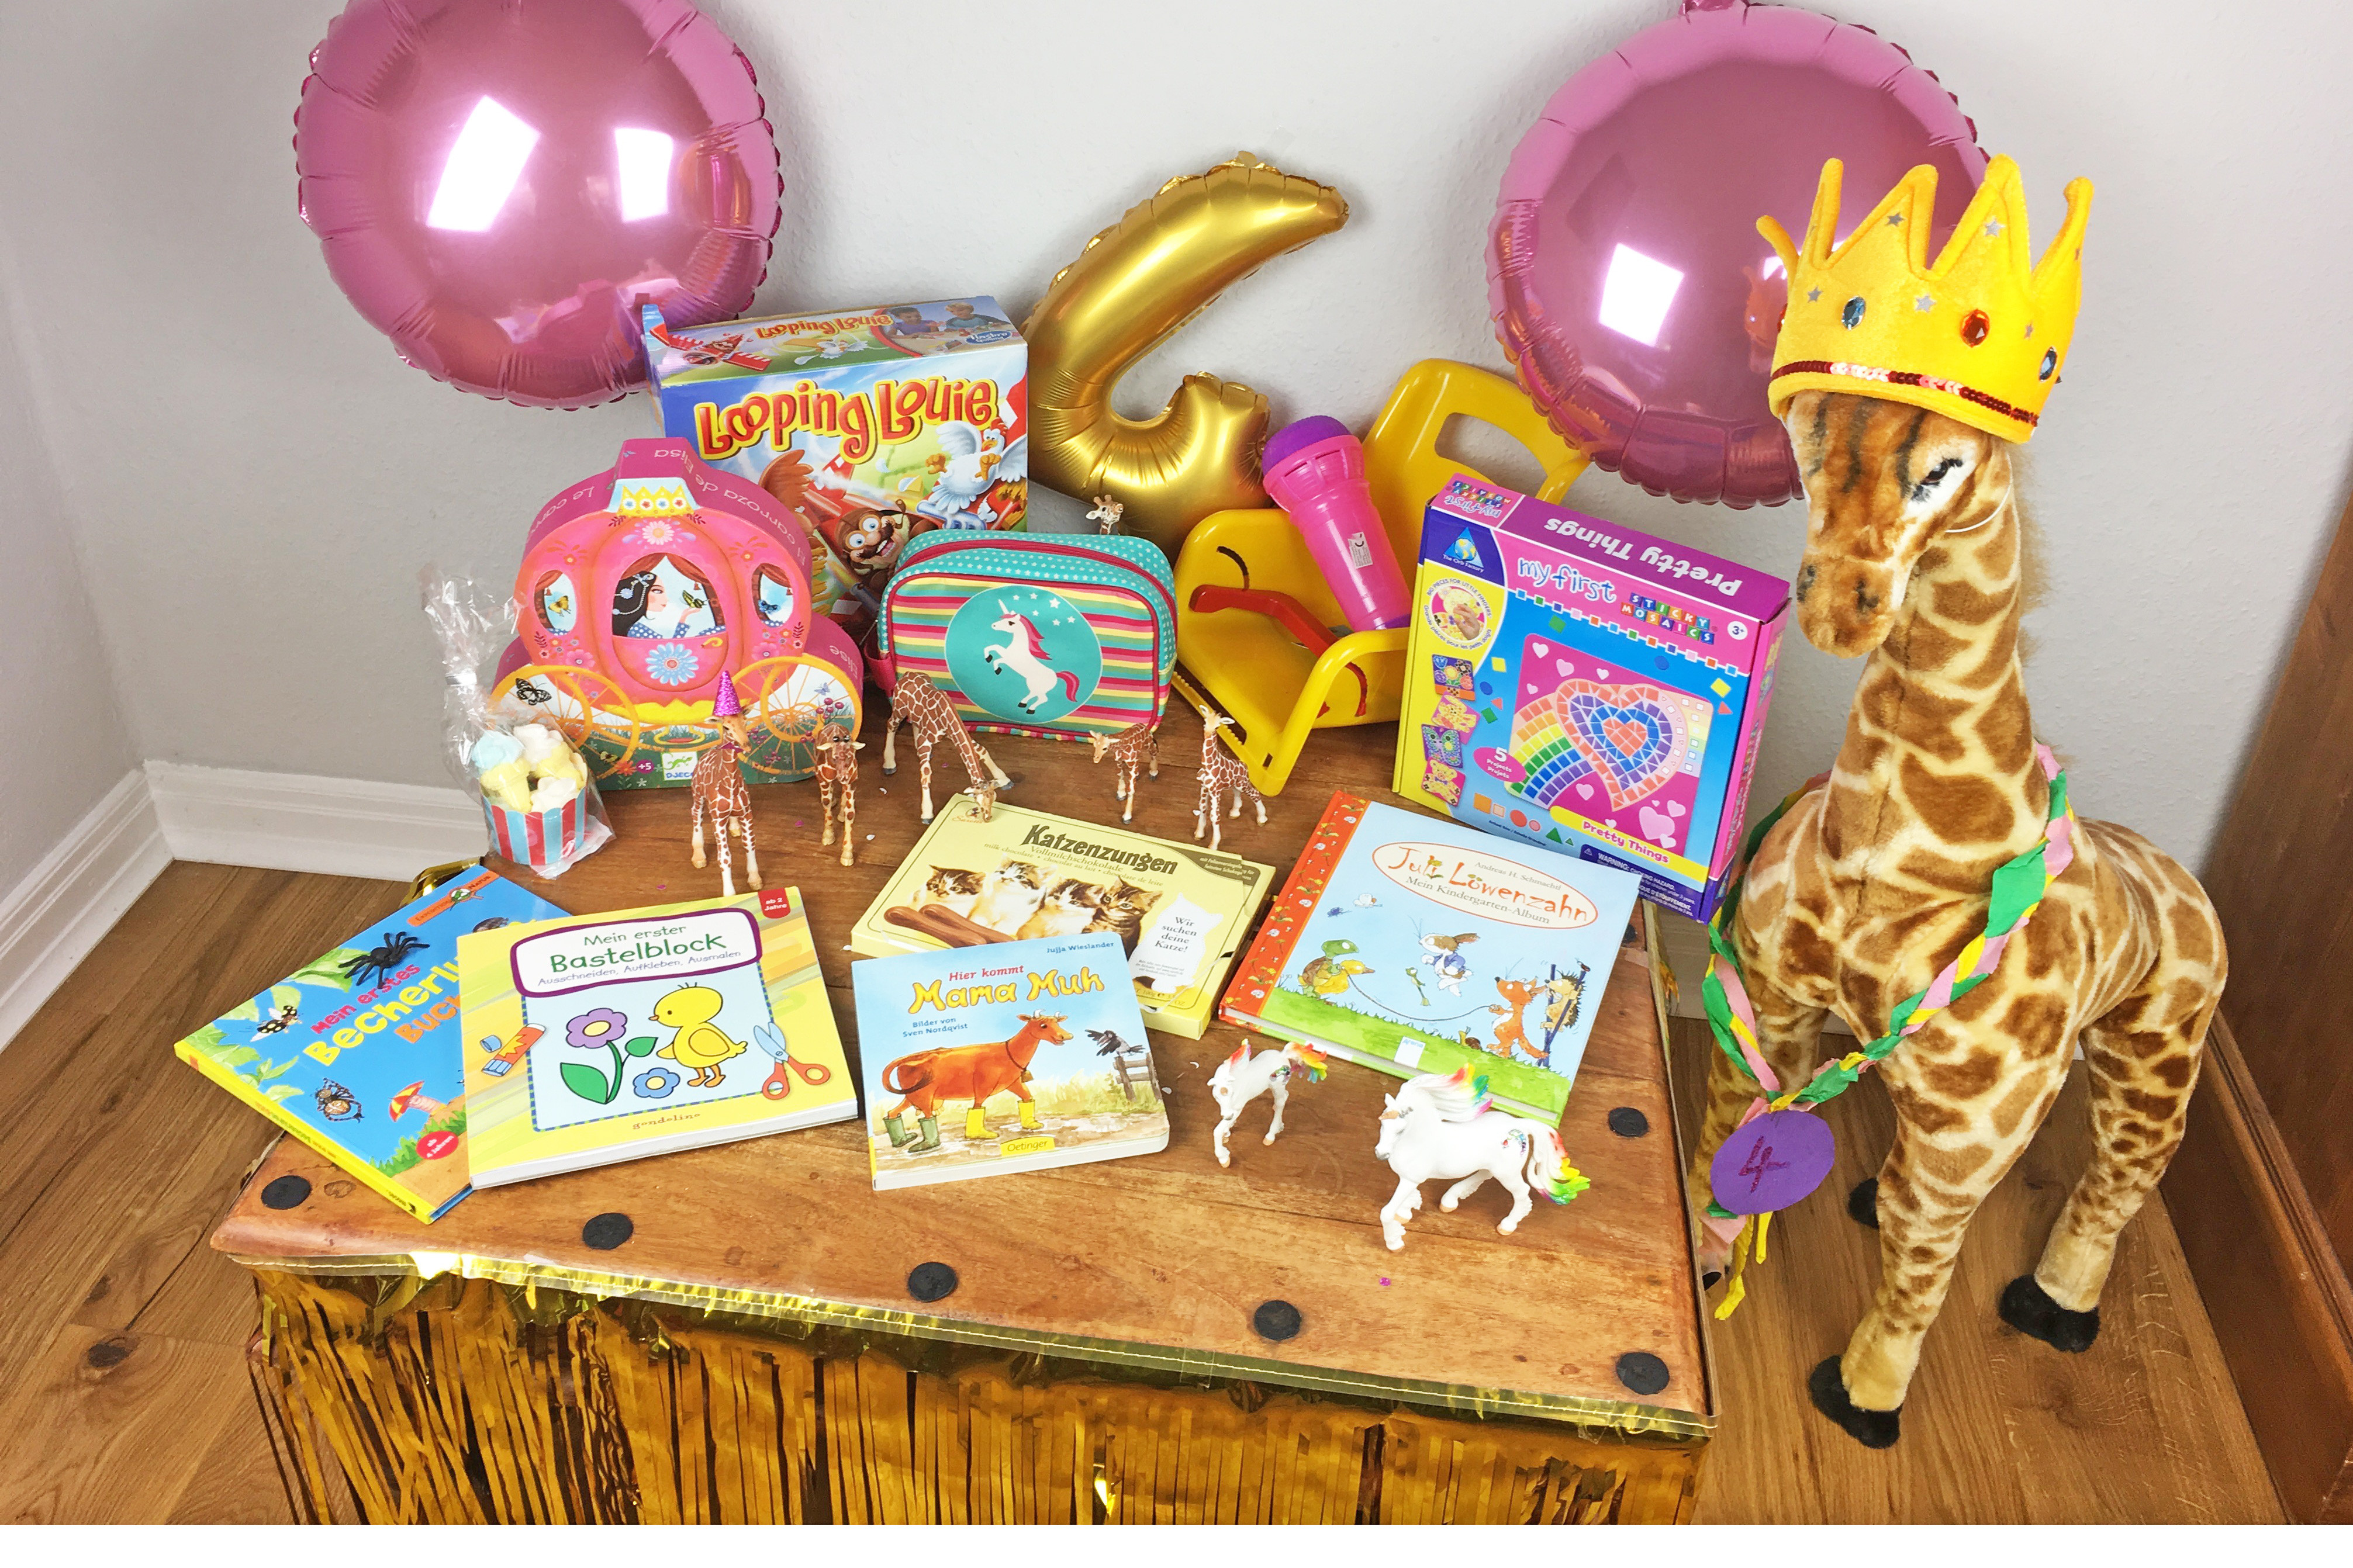 Geschenkideen Mädchen 2 Jahre  Schöne Geschenke zum 4 Geburtstag Mädchenmutter